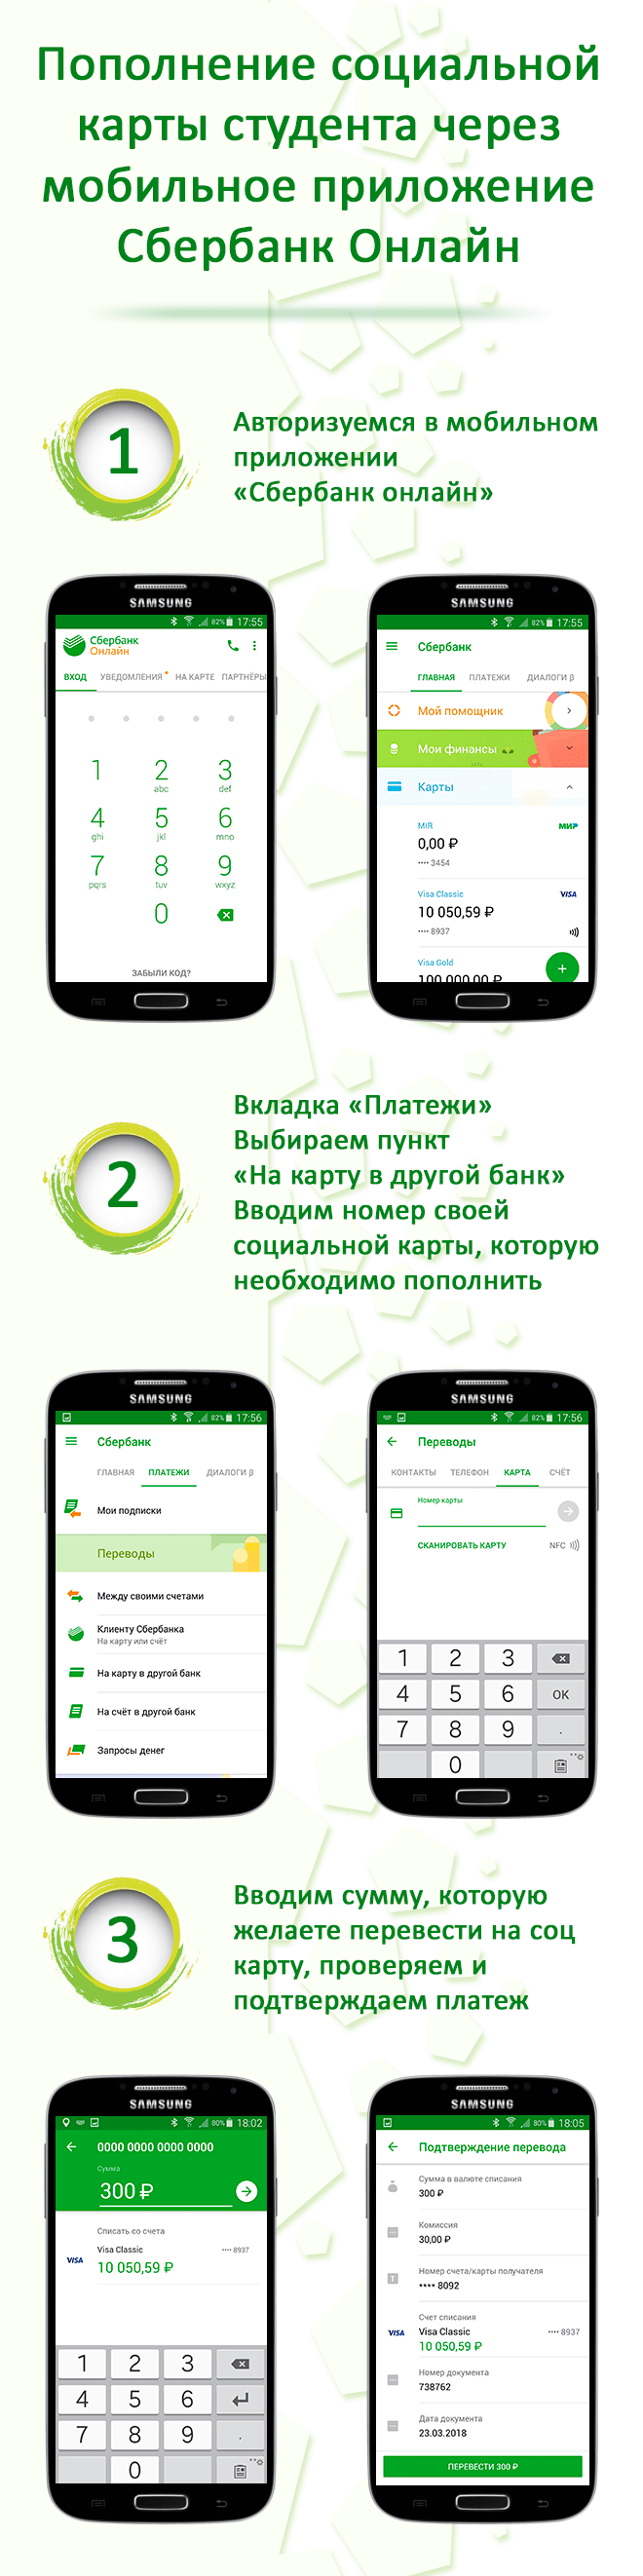 Изображение - Как оплатить социальную карту студента через сбербанк онлайн popolnenie-sber-mobile-660x2644